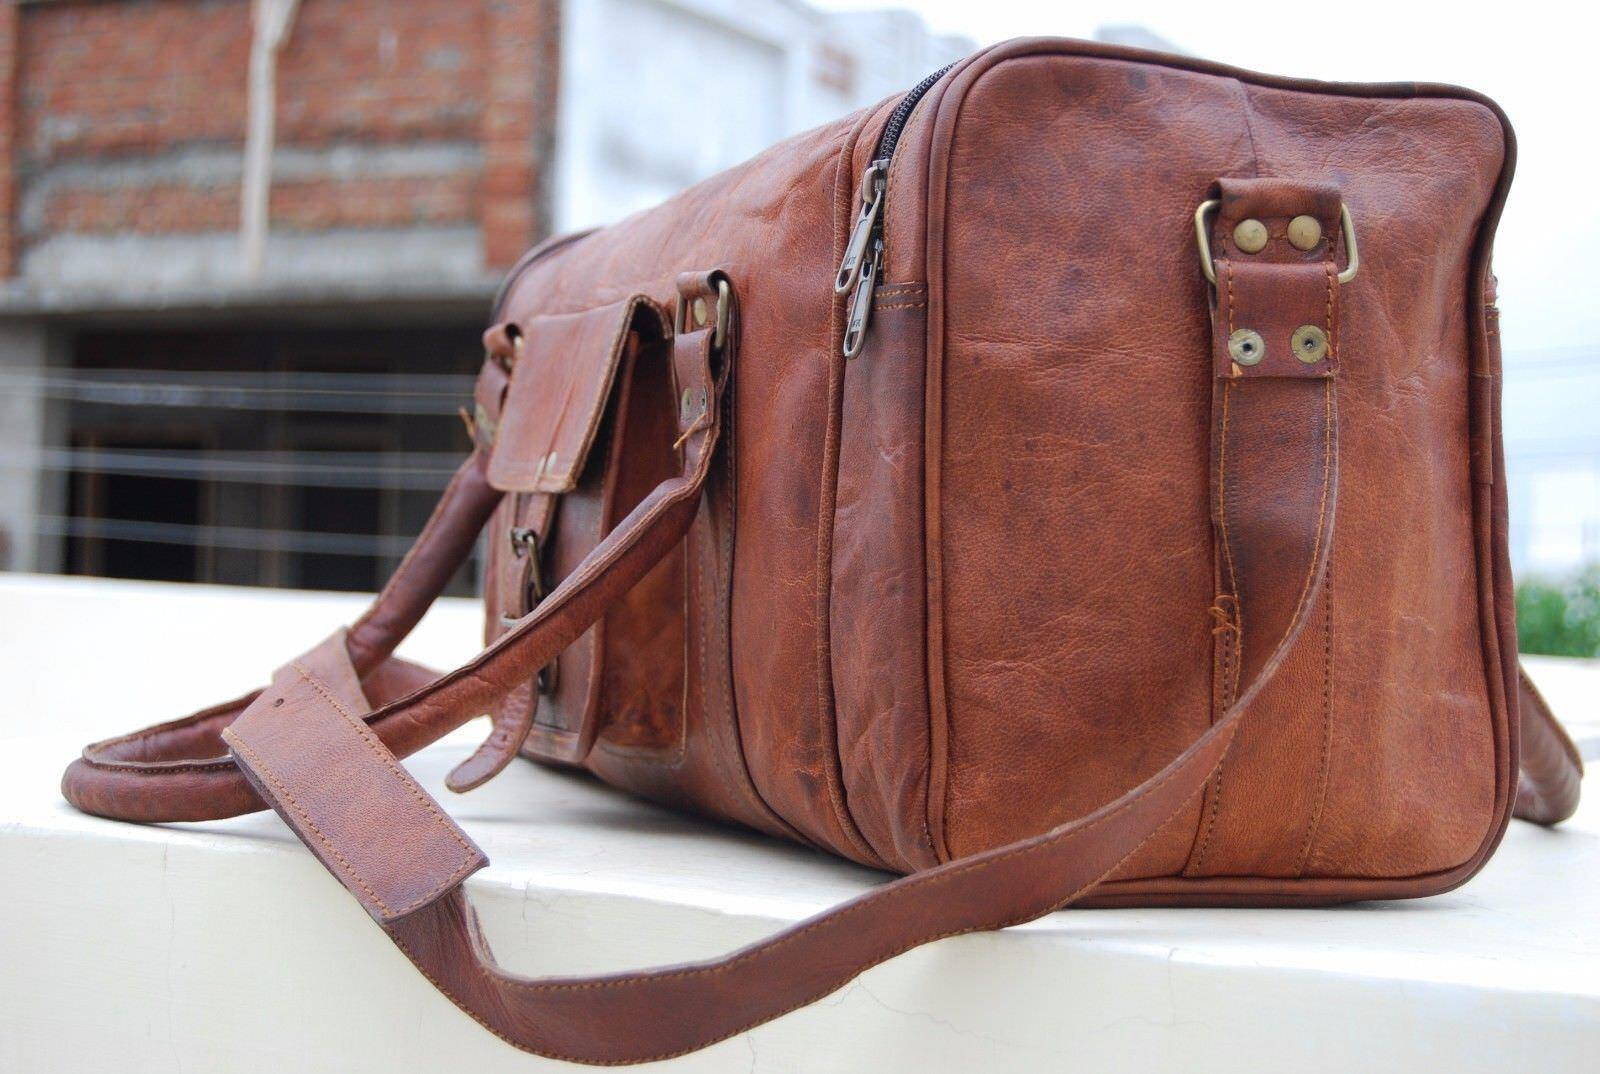 Herren Jahrgang Leder Reisetasche Duffle Sporttasche Wochenendreise tasche Neu1       Ruf zuerst  cc298a